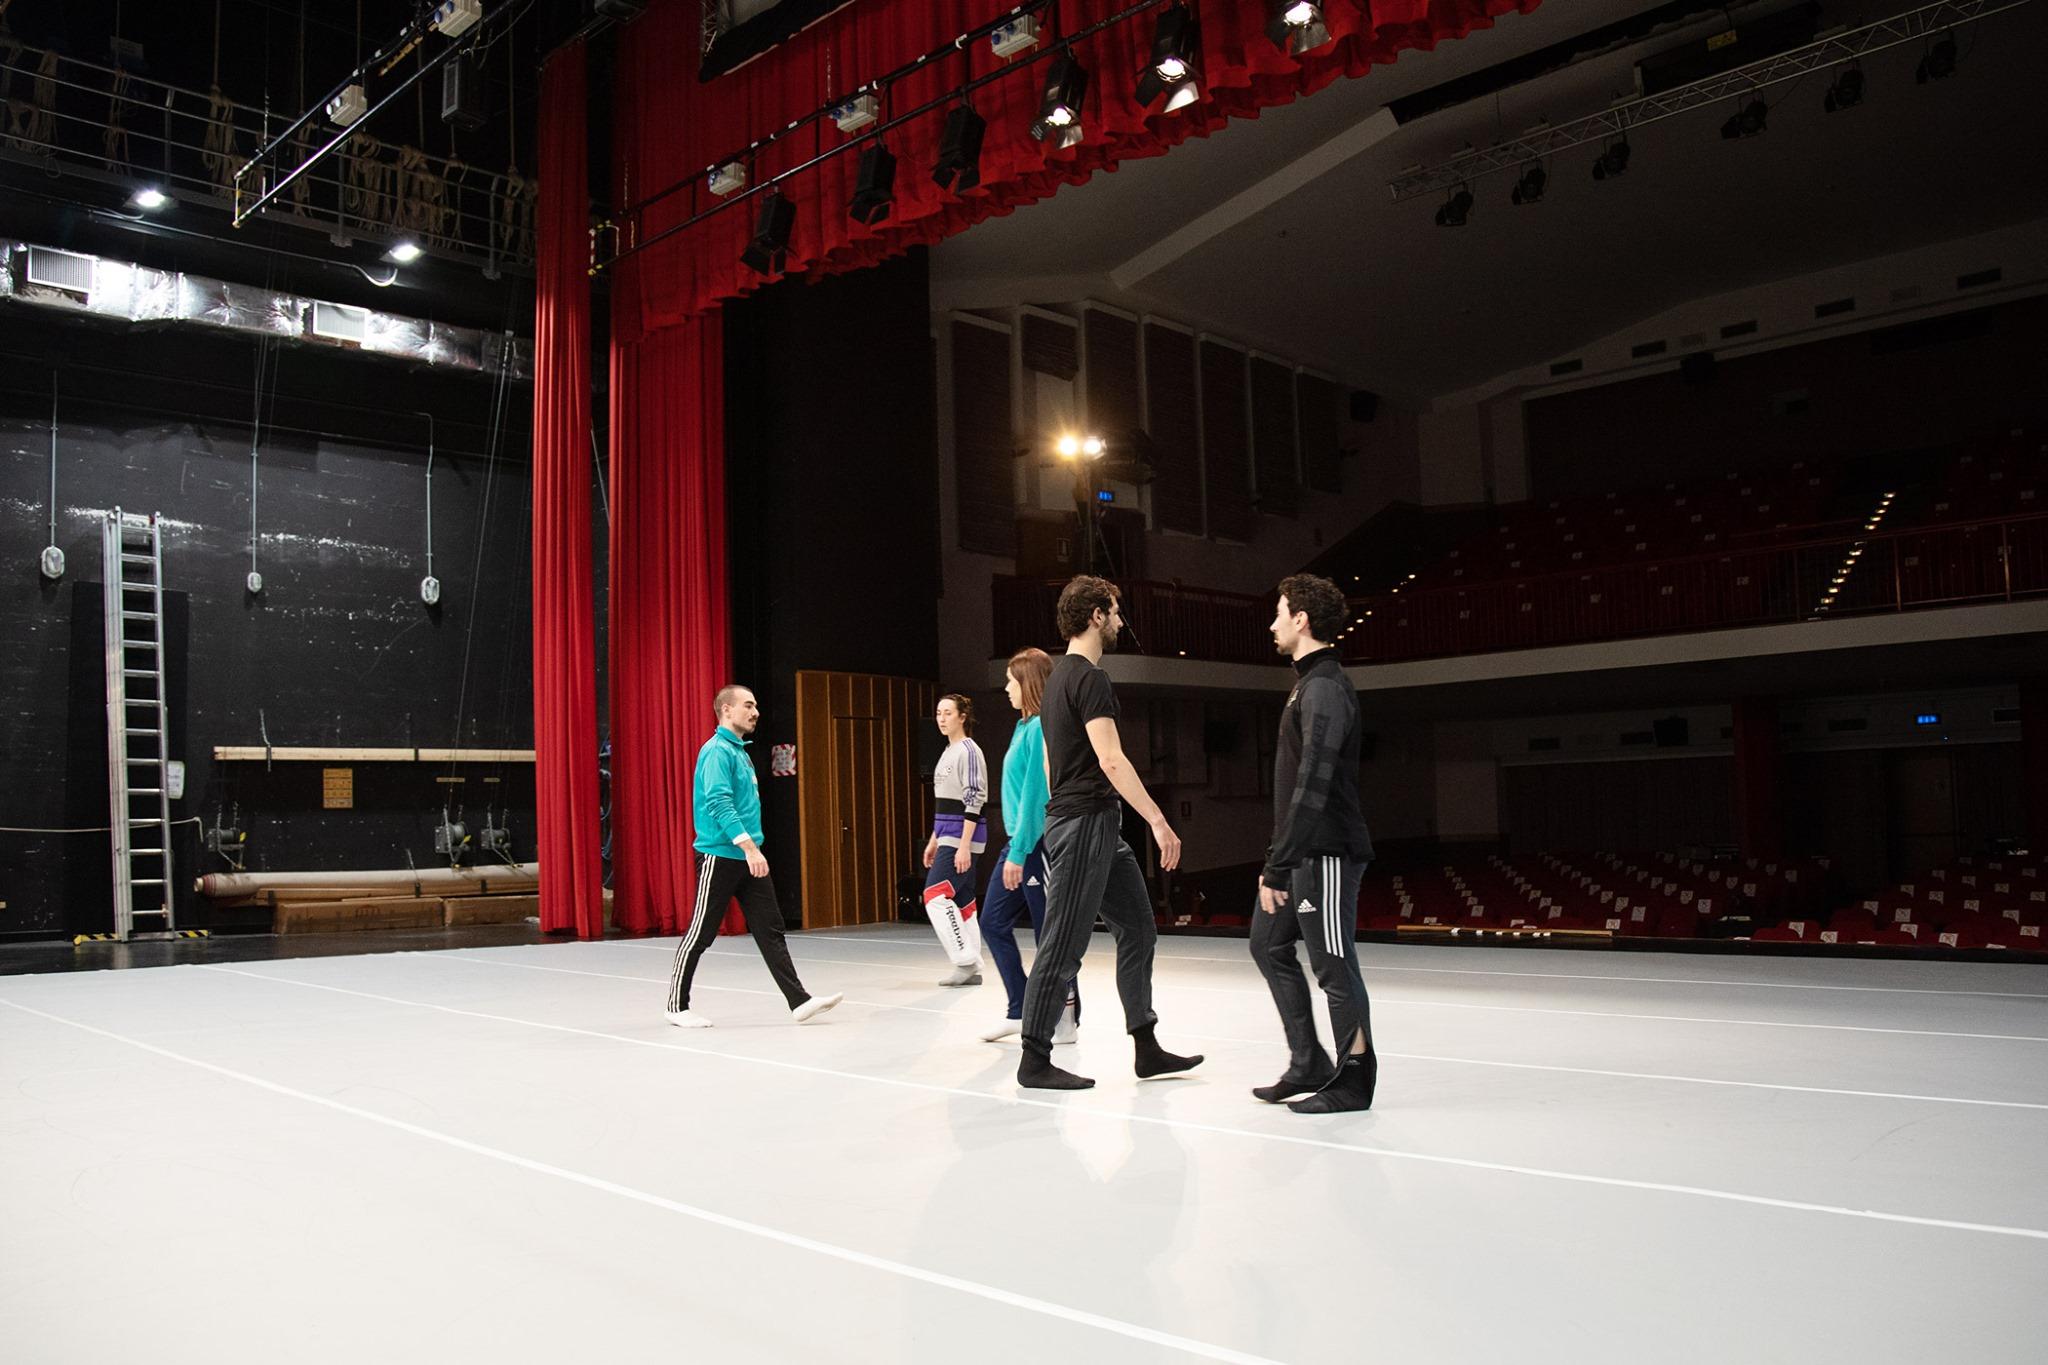 Immagine per Gorizia torna casa del teatro, artisti da tutta Italia daranno vita ai loro progetti